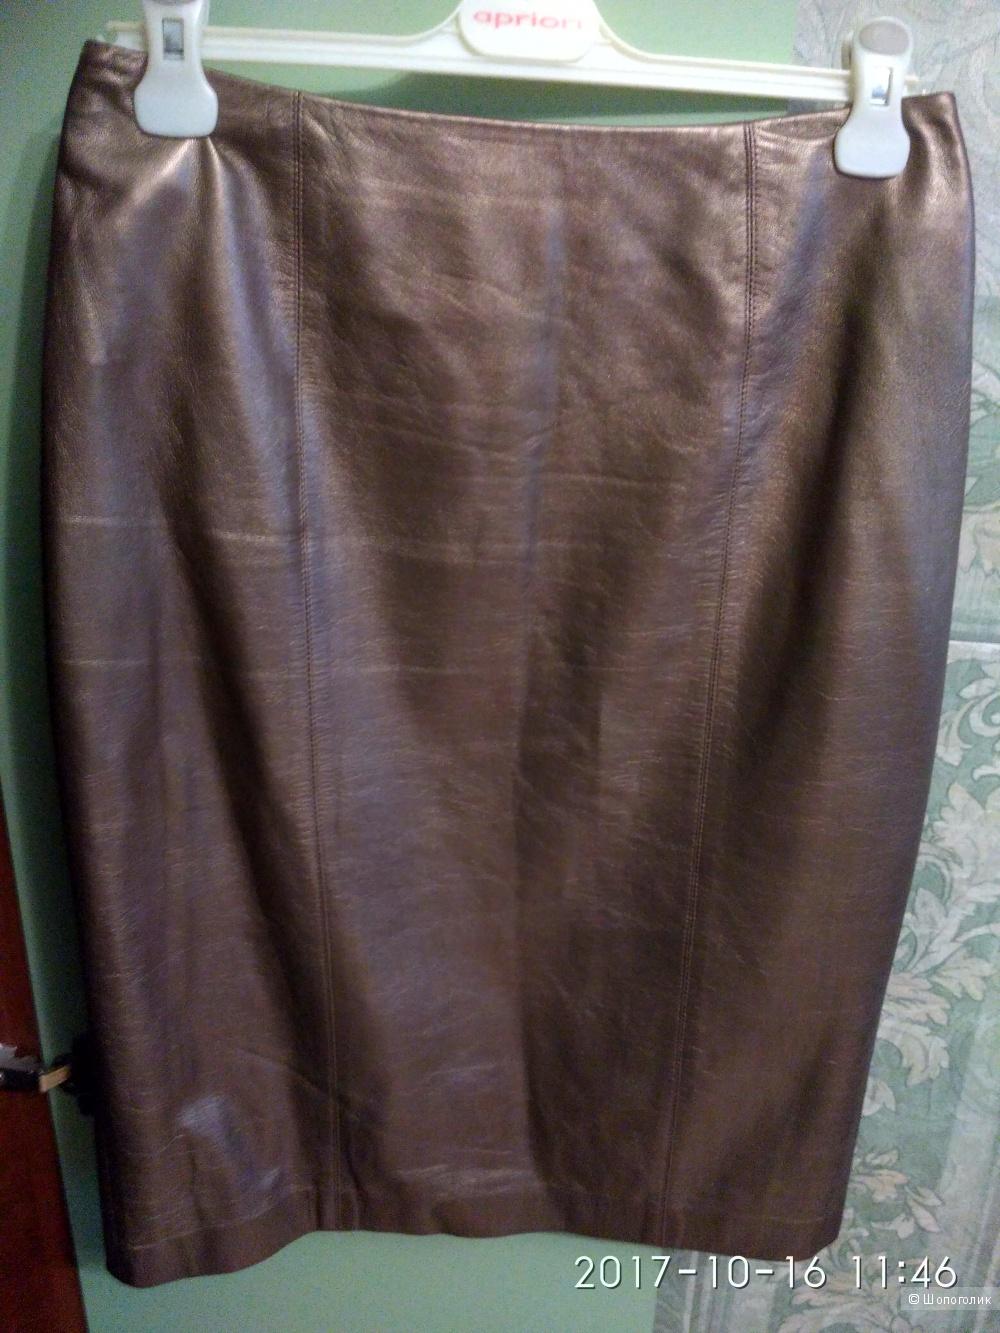 Юбка из кожи цвет бежевый с золотом Linda AllardРазмер 44-46